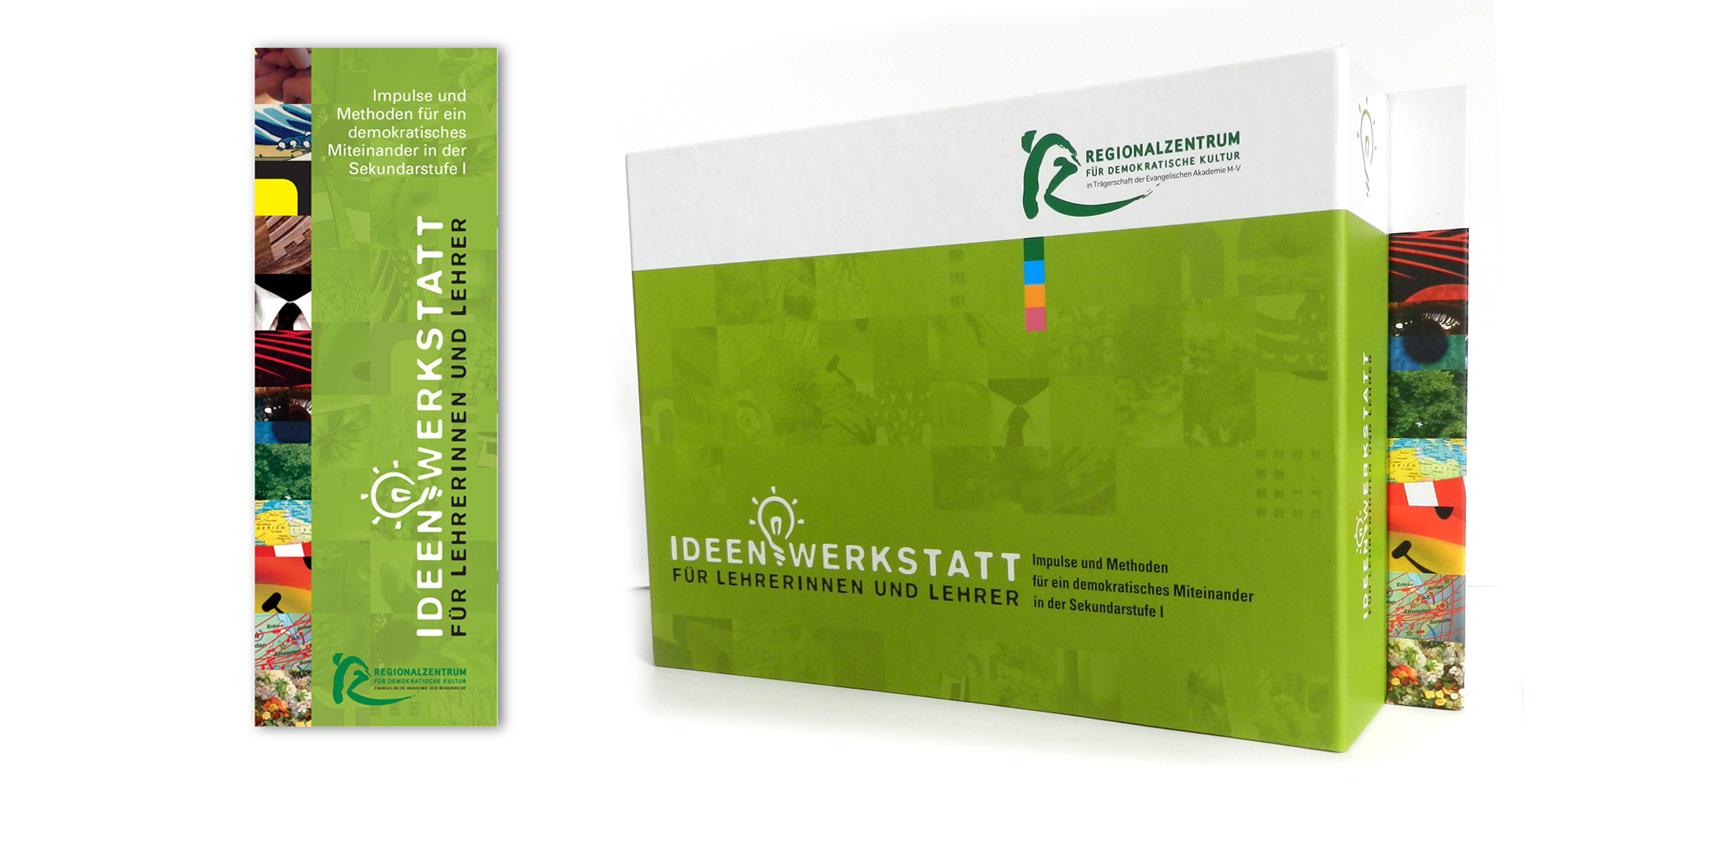 Impulse und Methoden für ein demokratisches Miteinander in der Sekundarstufe I | Ordnerbox mit 74 Karten zum Herausnehmen